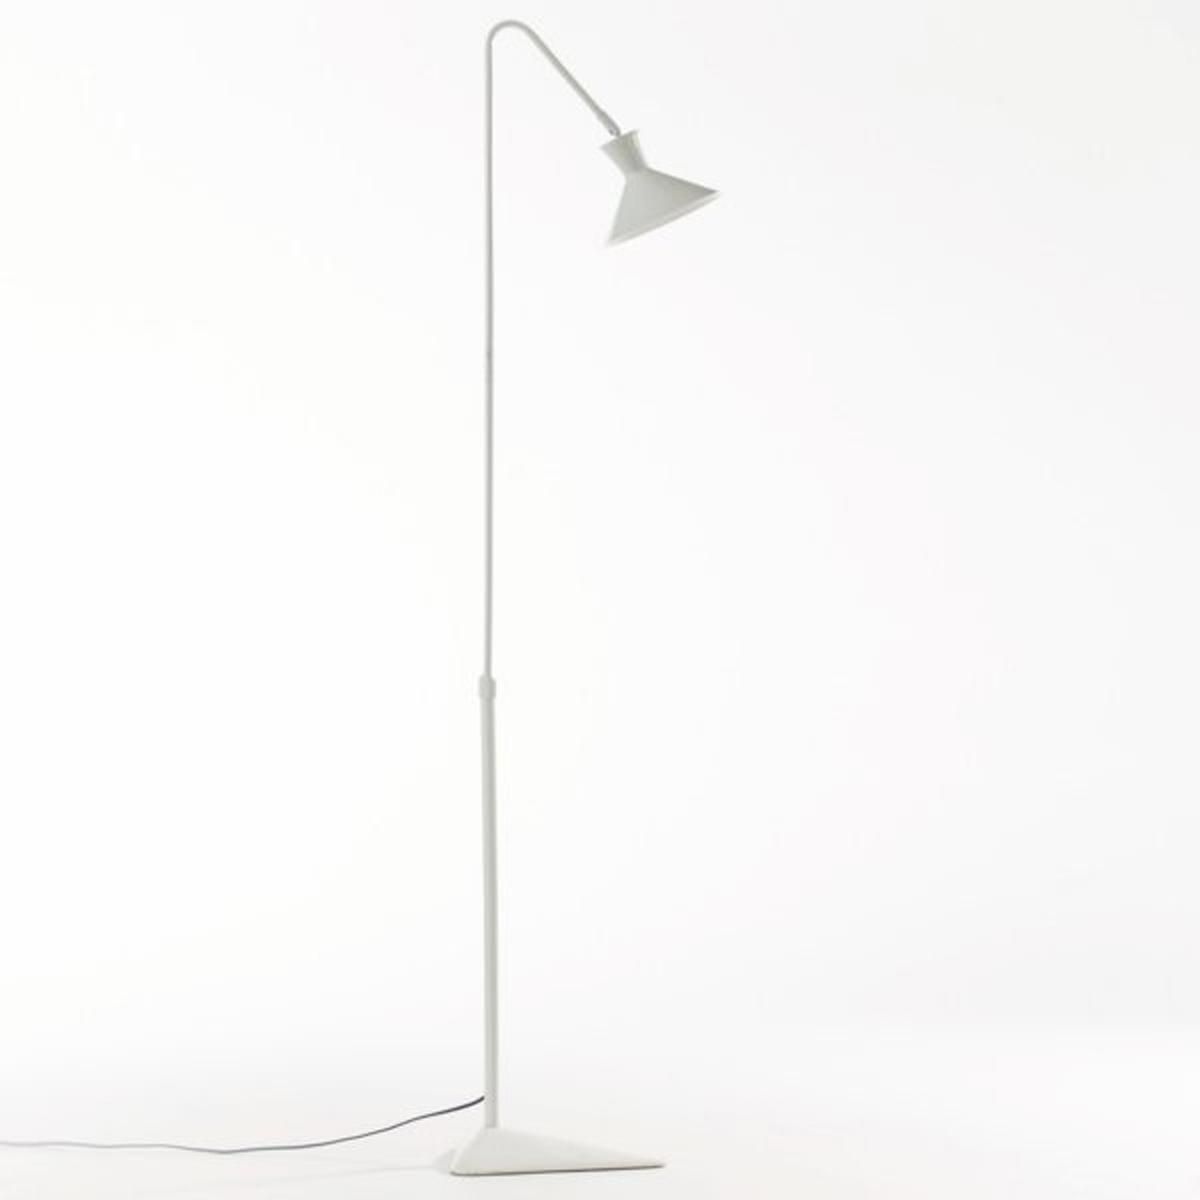 Торшер VoltigeТоршер Voltige. Строгий и функциональный дизайн светильника с регулируемым абажуром для направленного освещения.Характеристики :Лампа/Торшер из металла с эпоксидным покрытием .Регулируемая по высоте ножка .Патрон E14 для флюокомпактной лампочки макс 11W (не входят в комплект)  .Этот светильник совместим с лампочками    энергетического класса  A .Размеры :Высота мин. 100 см, макс. 150 см .Глубина 30 см.Размеры и вес коробки :Д.94 x Выс.18,5 x Гл.35 см, 4,5 кг .Это изделие может быть использовано в детской комнате (от 14 лет) в зависимости от действующих нормативов.<br><br>Цвет: белый,черный<br>Размер: единый размер